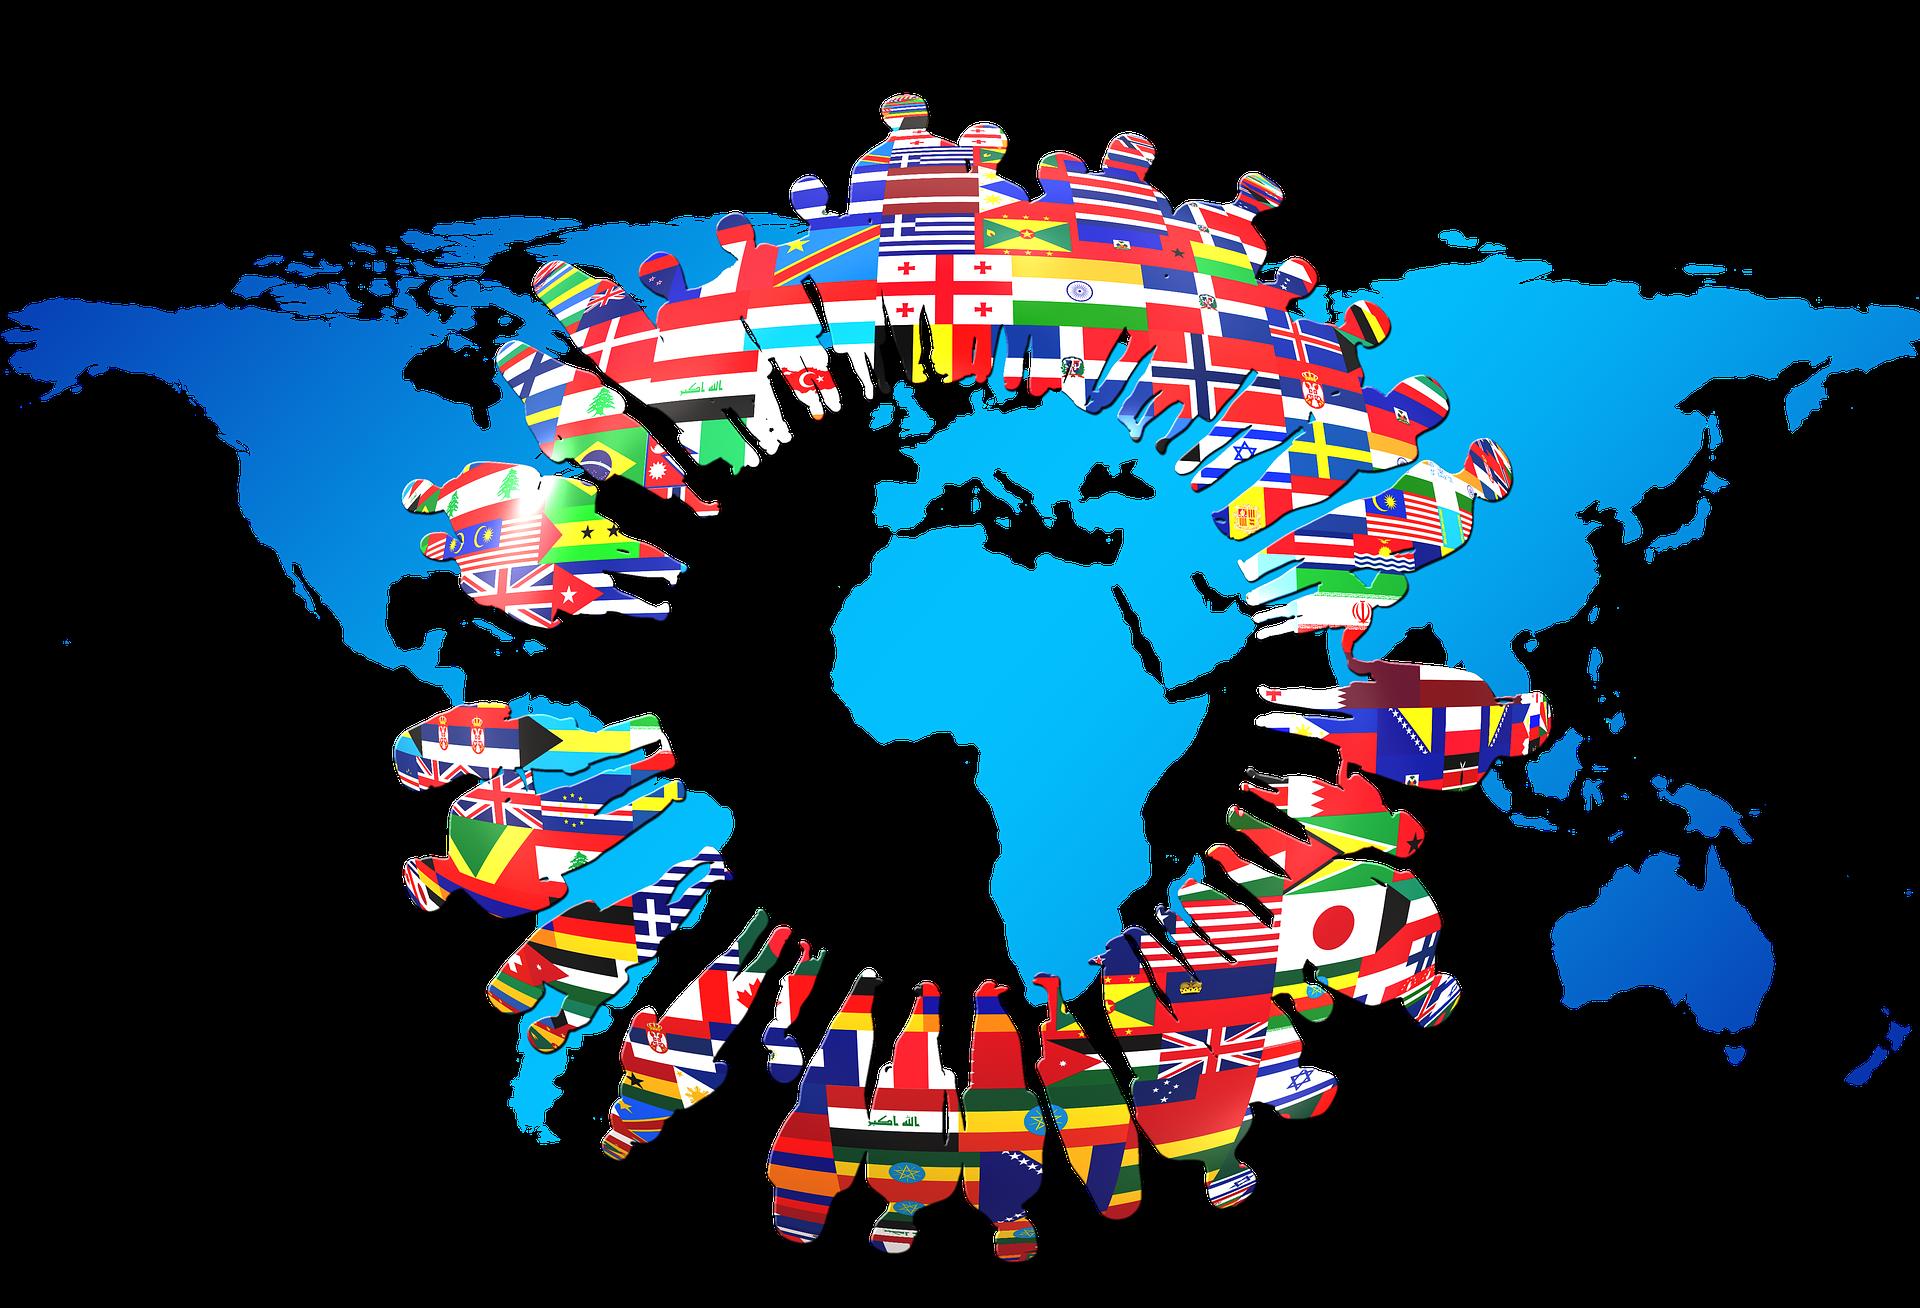 De Hreflang tag gebruik je om verschillende talen en regio's aan zoekmachines te signalren.